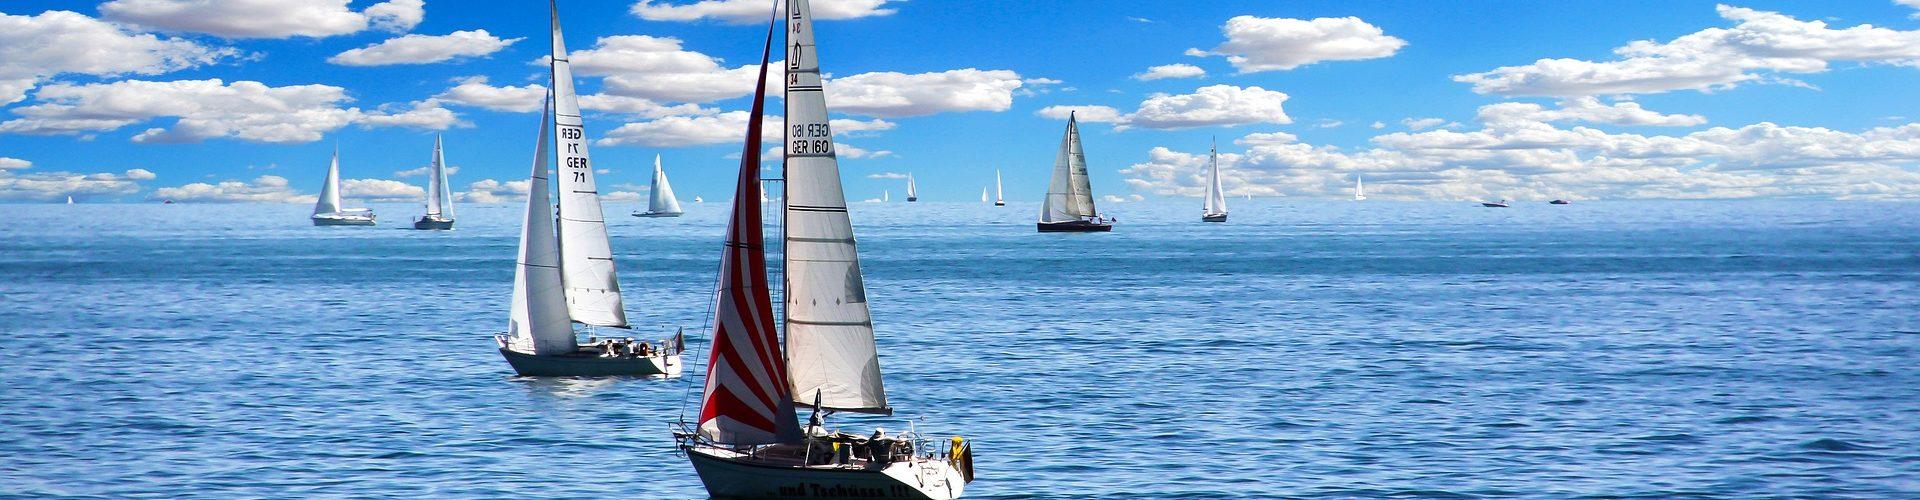 segeln lernen in Hamm segelschein machen in Hamm 1920x500 - Segeln lernen in Hamm